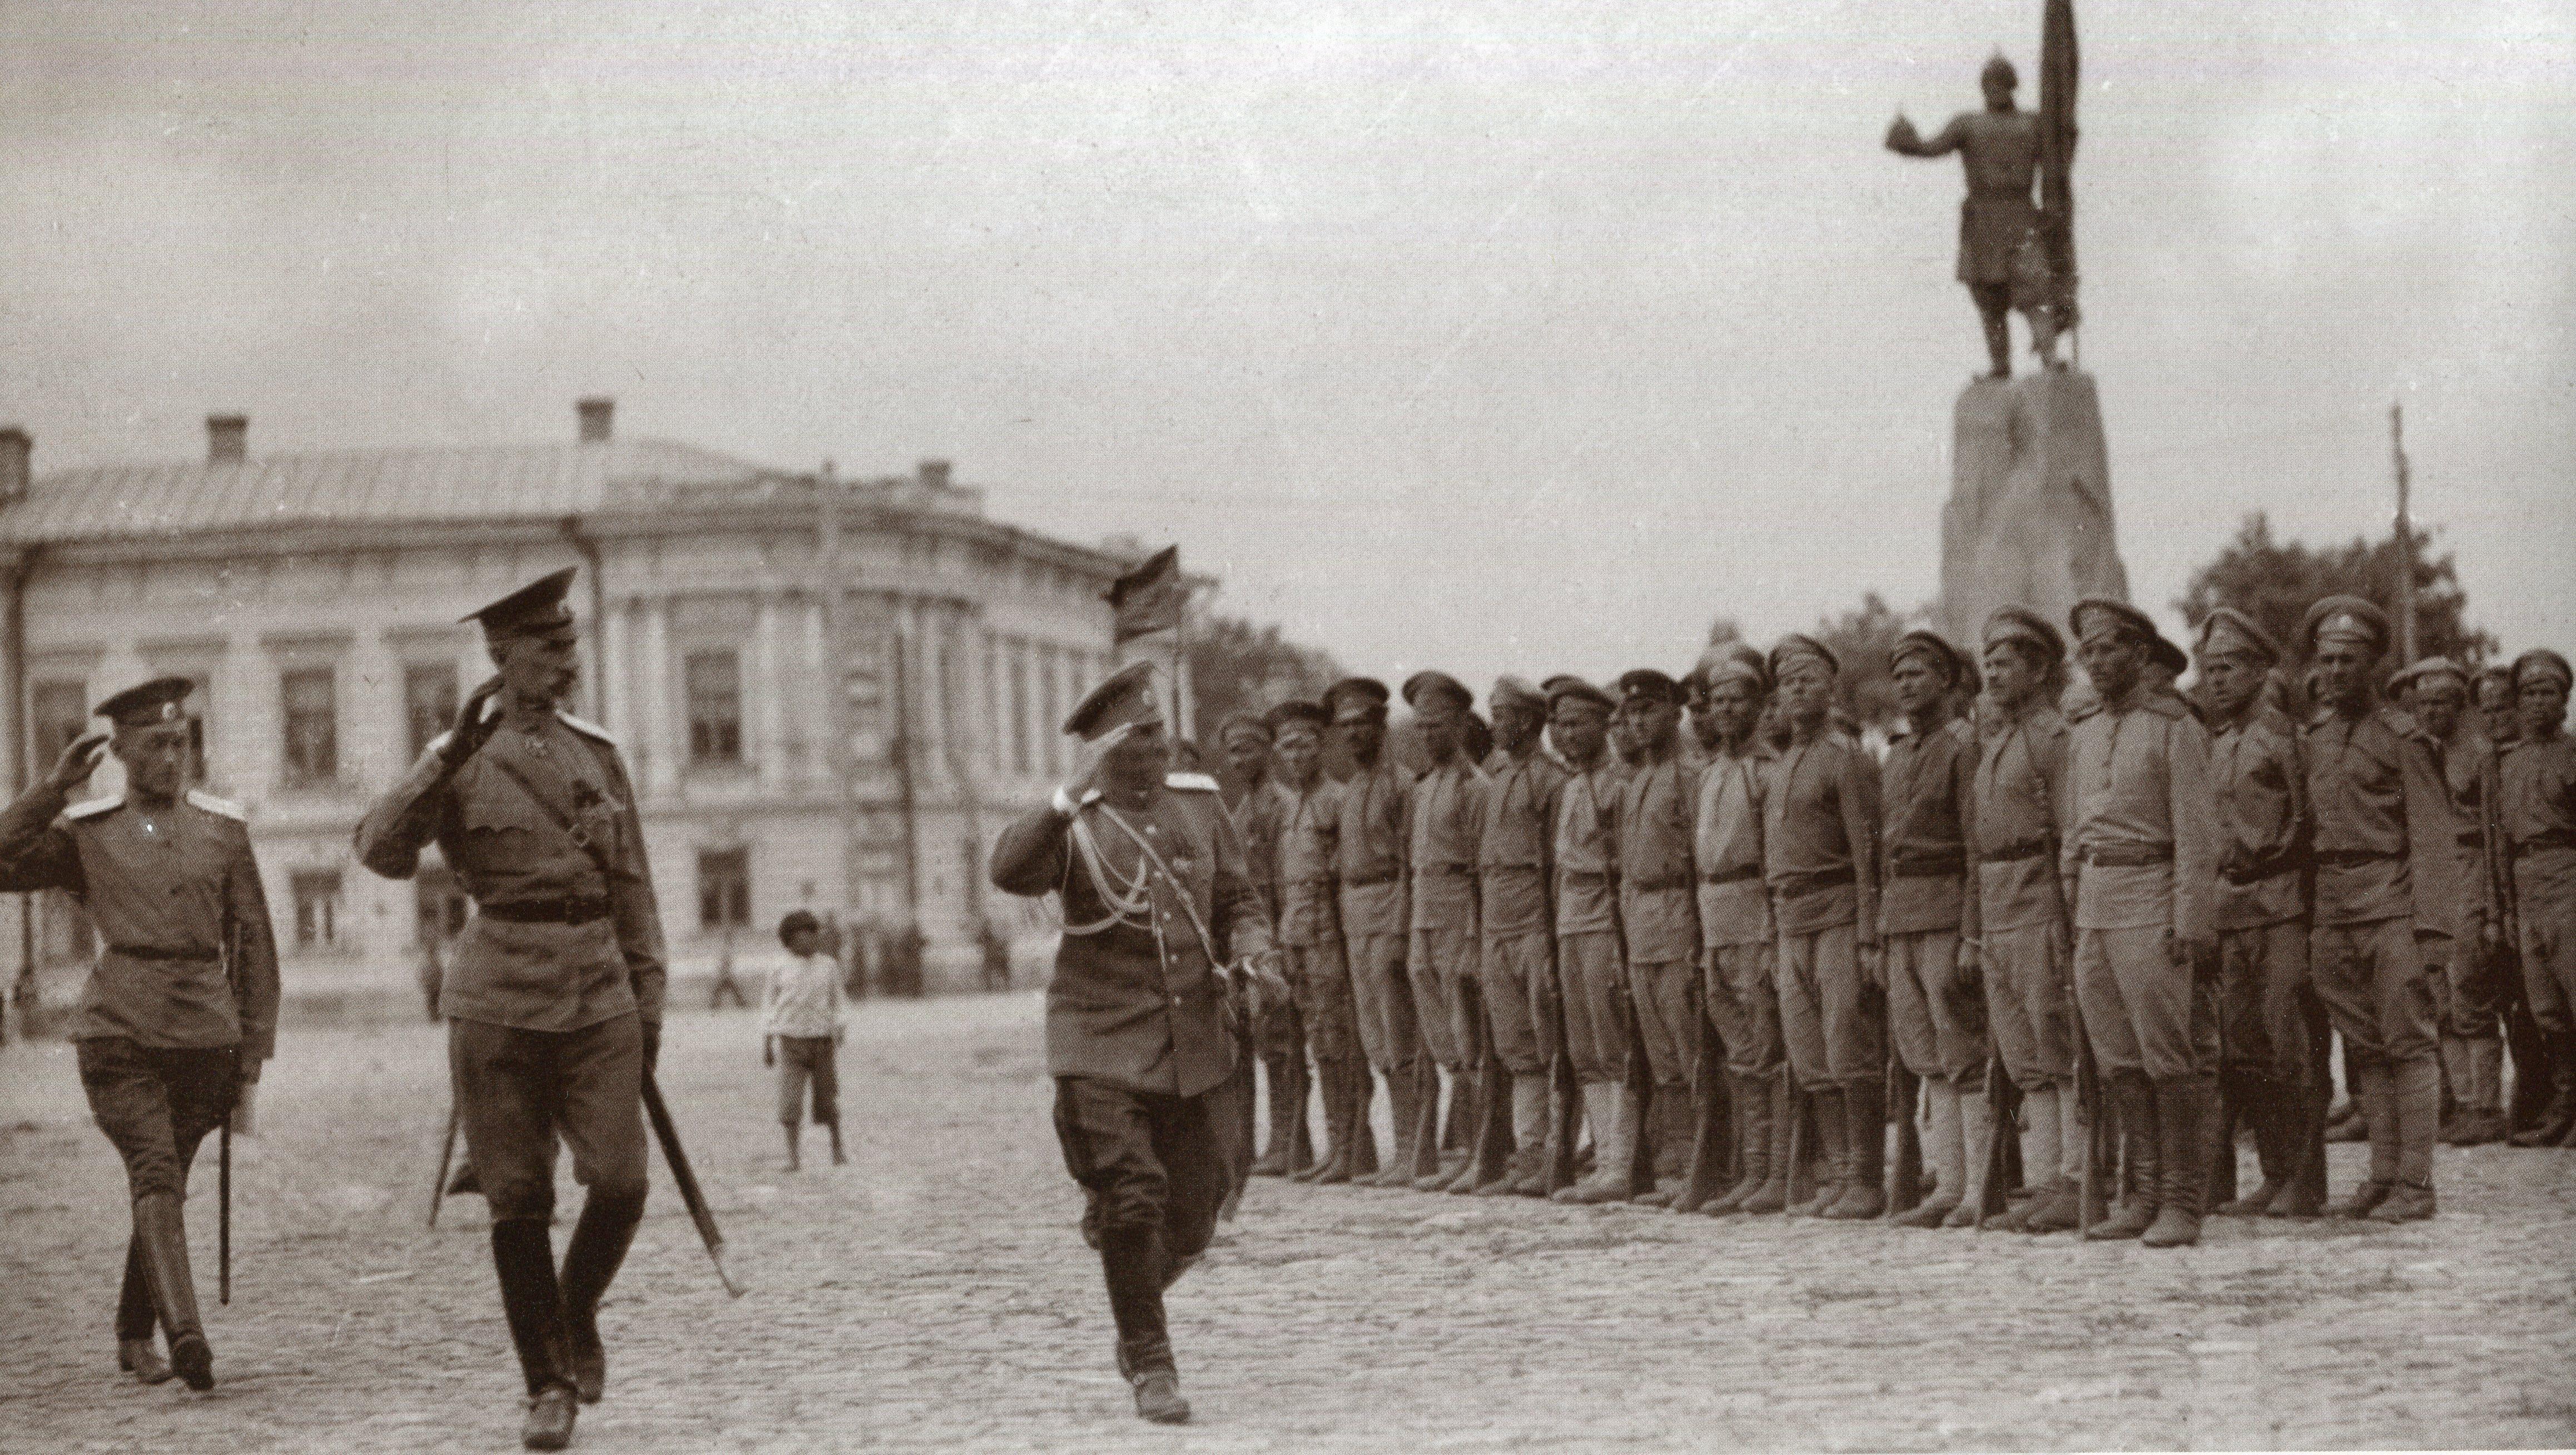 В день присяги Донского атамана командующий Донской армией генерал Денисов обходит фронт парада (1918)